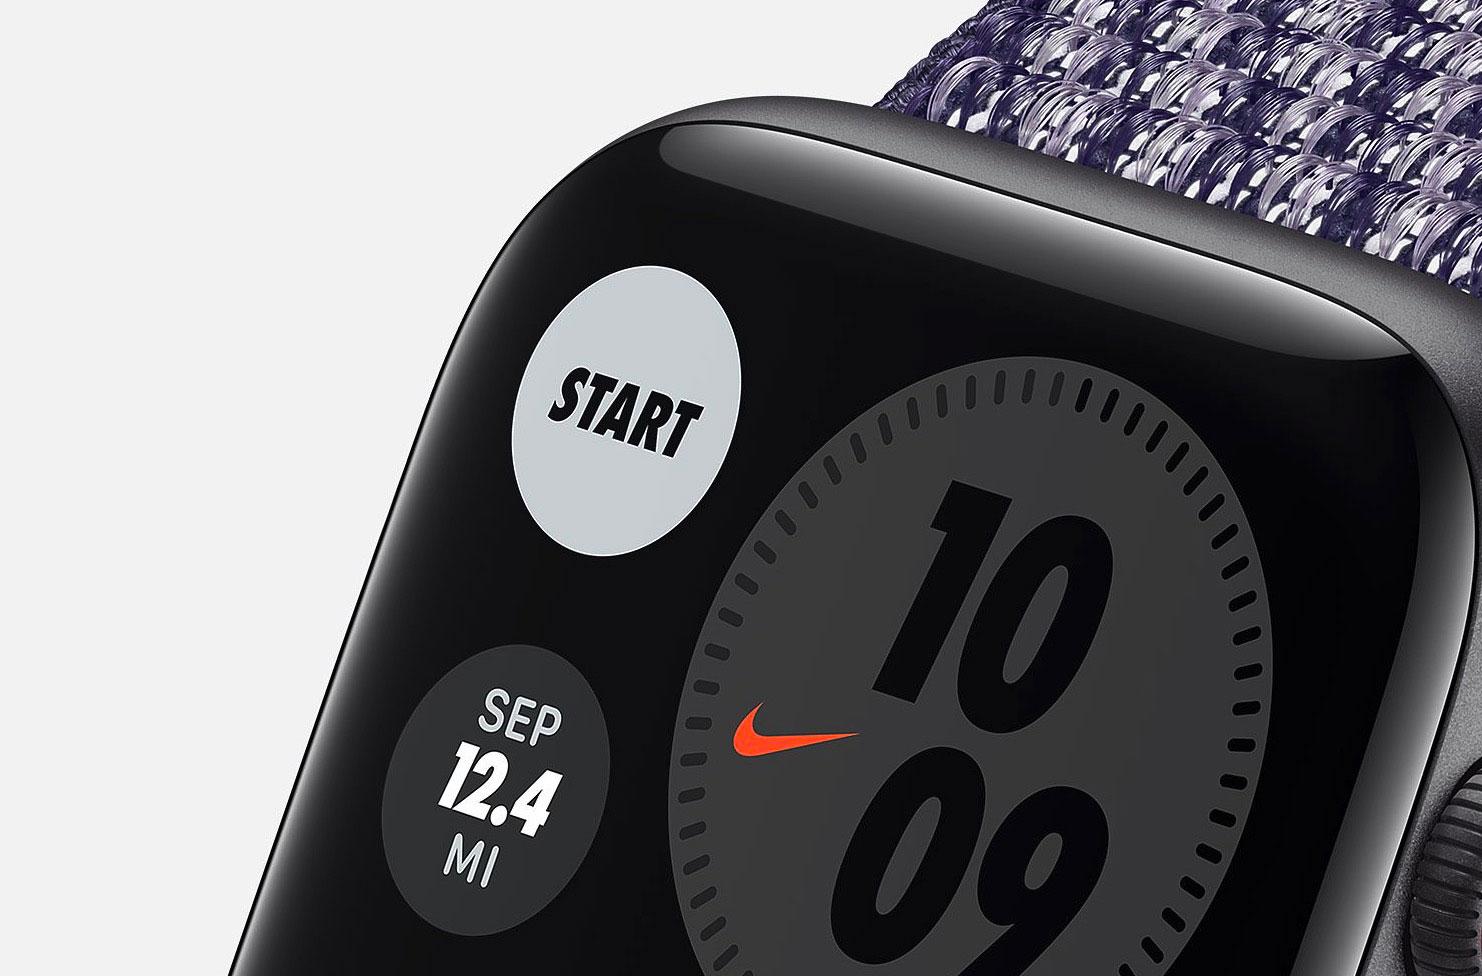 Il y a une édition Nike pour l'Apple Watch SE